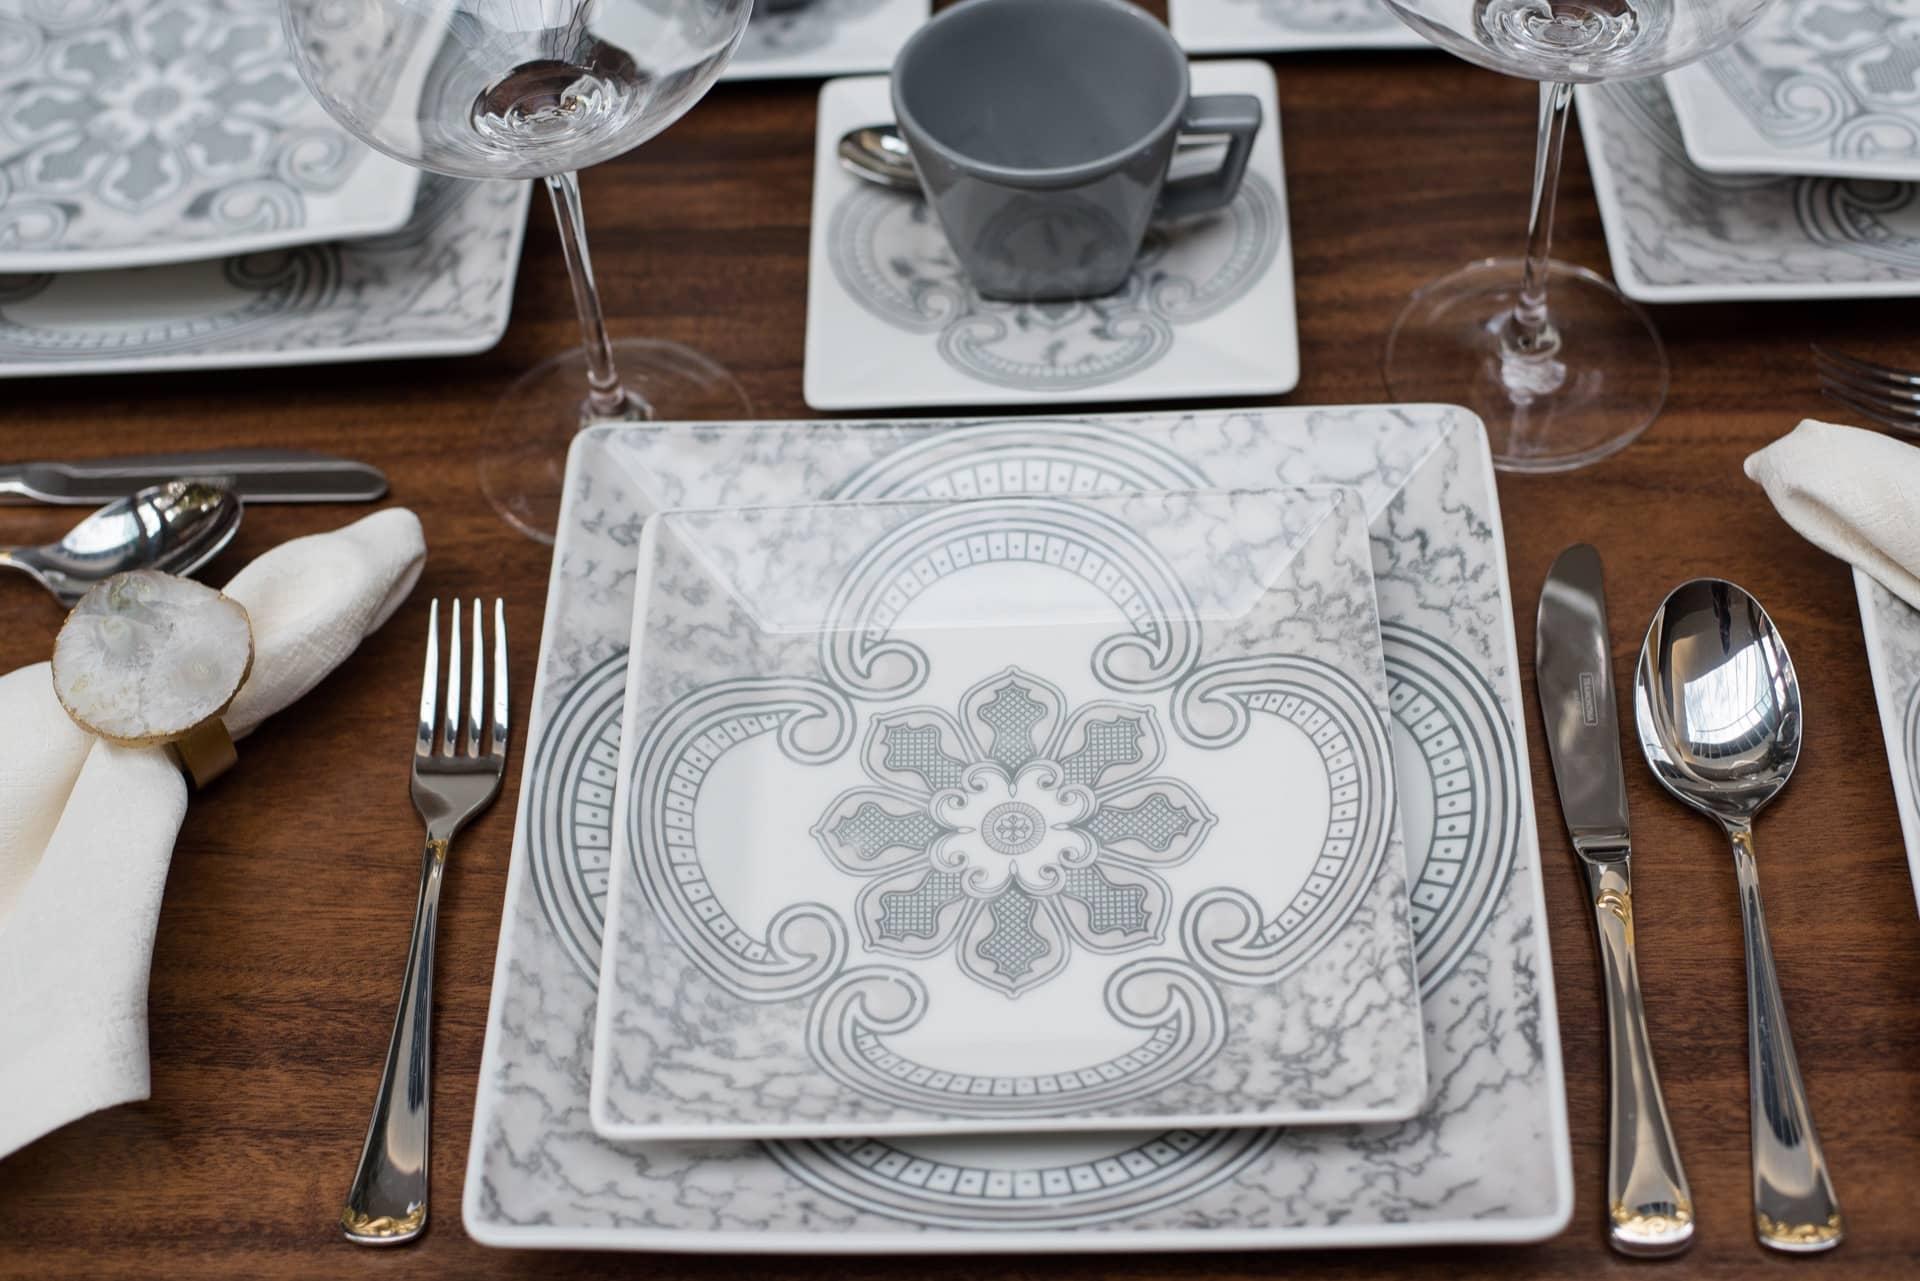 Imagem: A perfeição mora nos detalhes: os pratos da coleção Quartier Pantheon exibem traços que imitam a padronagem do mármore italiano. Foto: Karla Rudnick